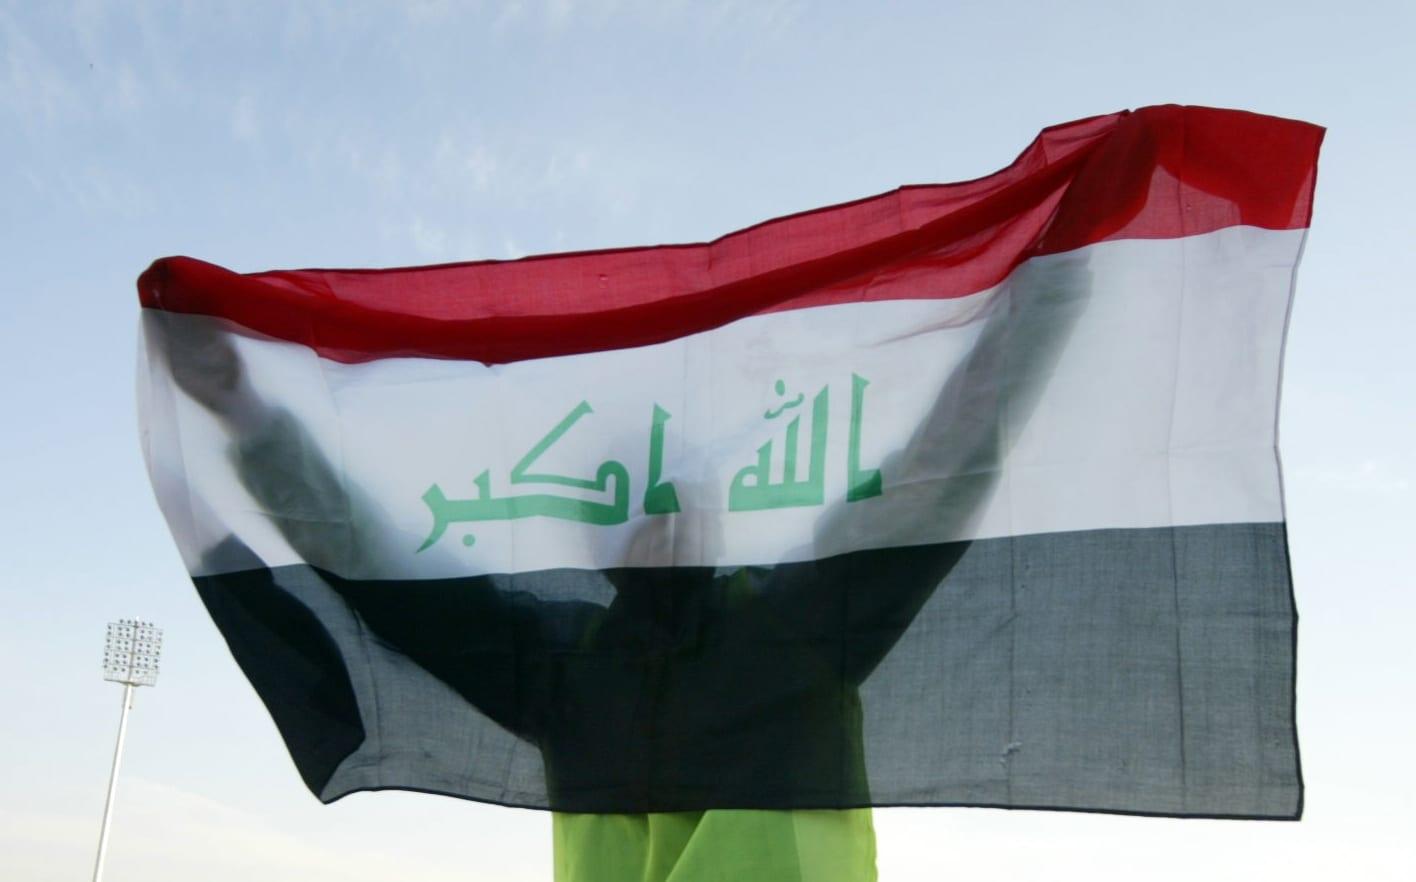 وفاة لاعب عراقي في الملعب بنوبة قلبية مفاجئة.. والاتحاد يُعلن الحداد 3 أيام